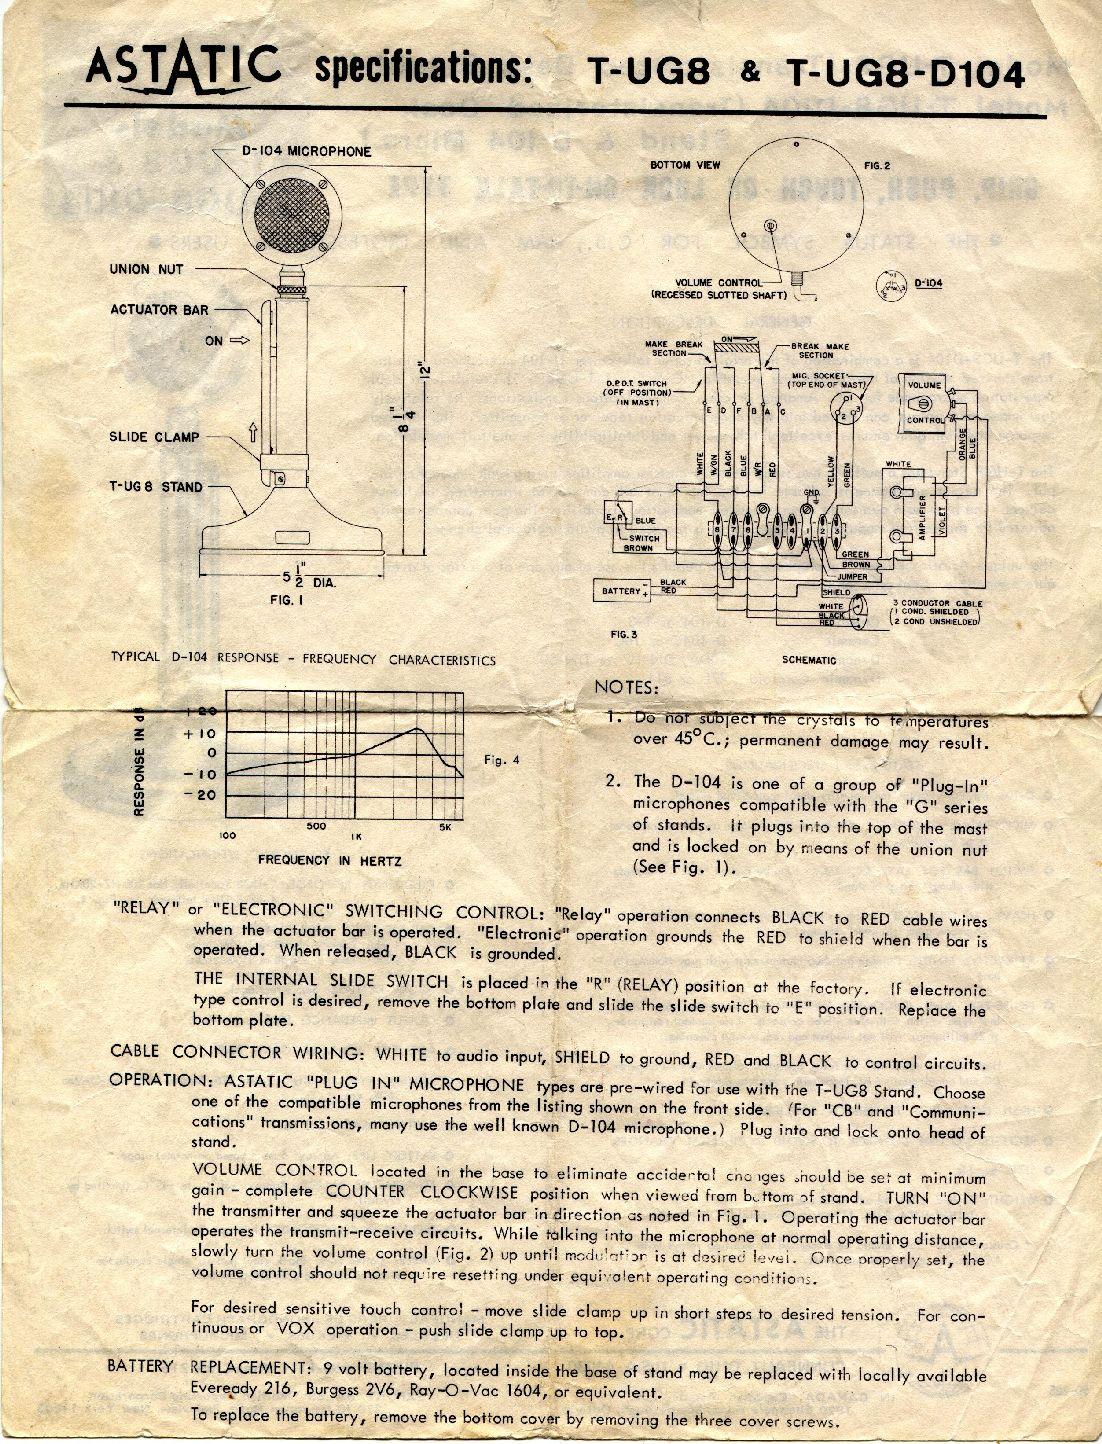 Ge Cb Mic Wiring Diagram - Free Download Wiring Diagram